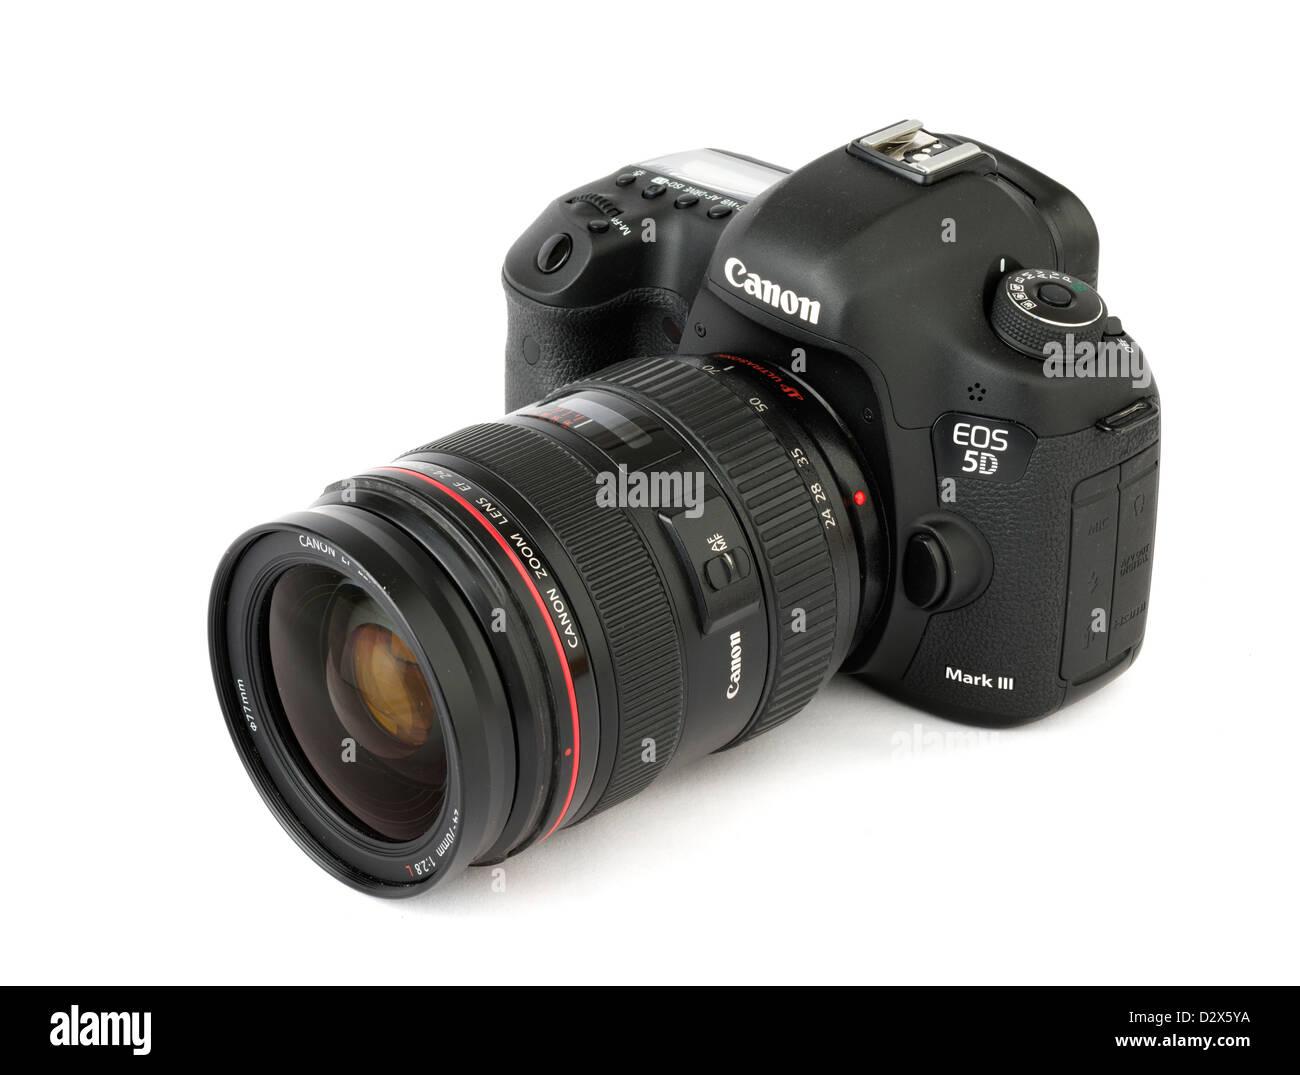 Un Canon EOS 5D Mark III reflex numérique avec Canon EF 24-70mm f/2.8L IS lentille zoom Banque D'Images